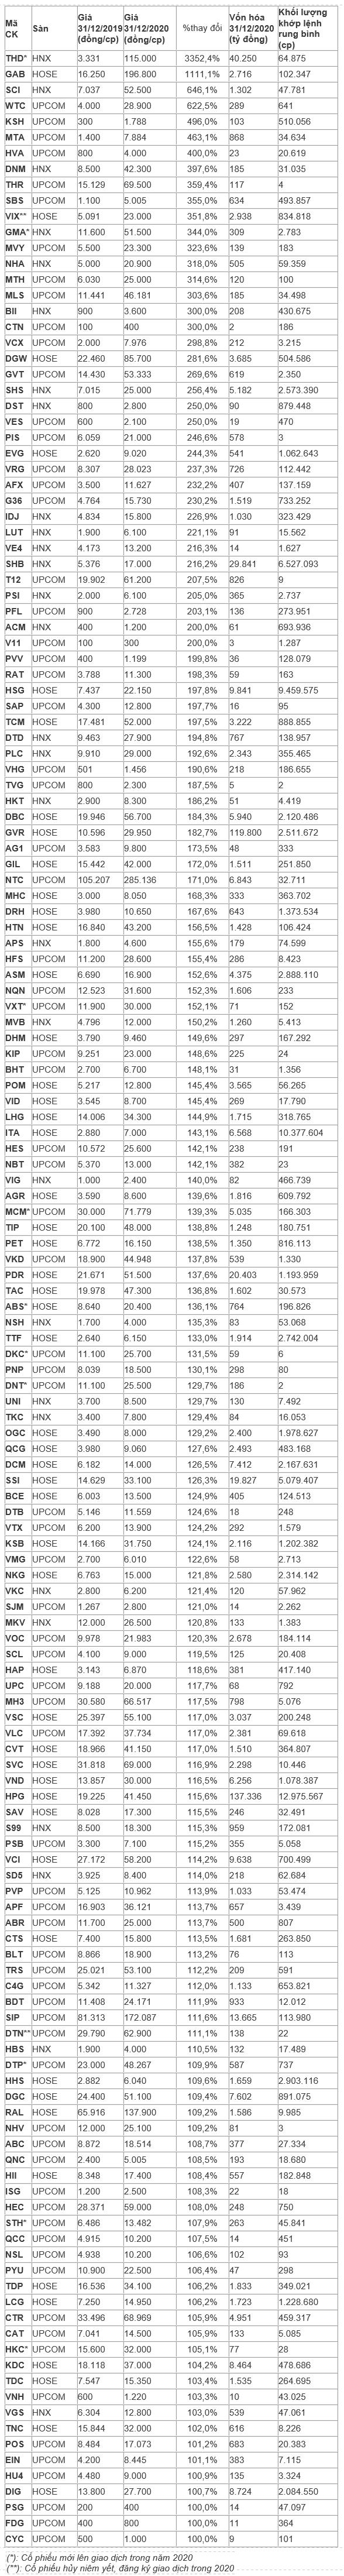 Những cổ phiếu tăng bằng lần năm 2020 - Ảnh 1.